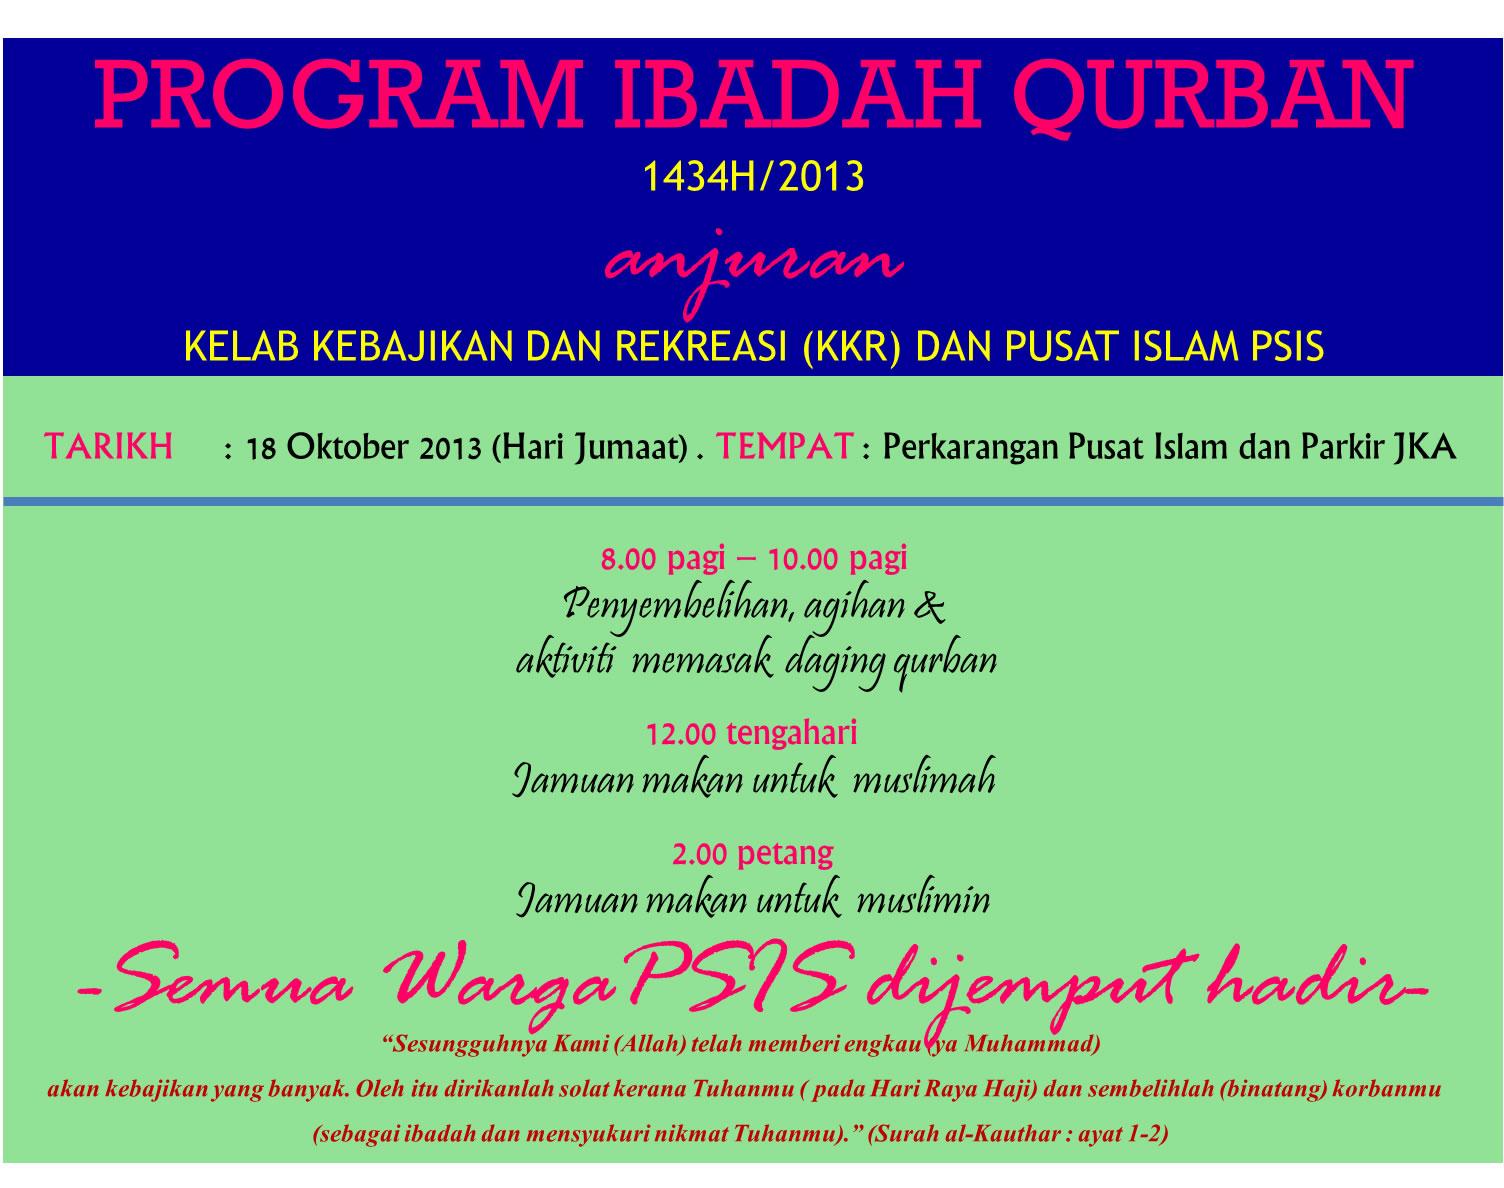 Jemputan Majlis Qurban Psis